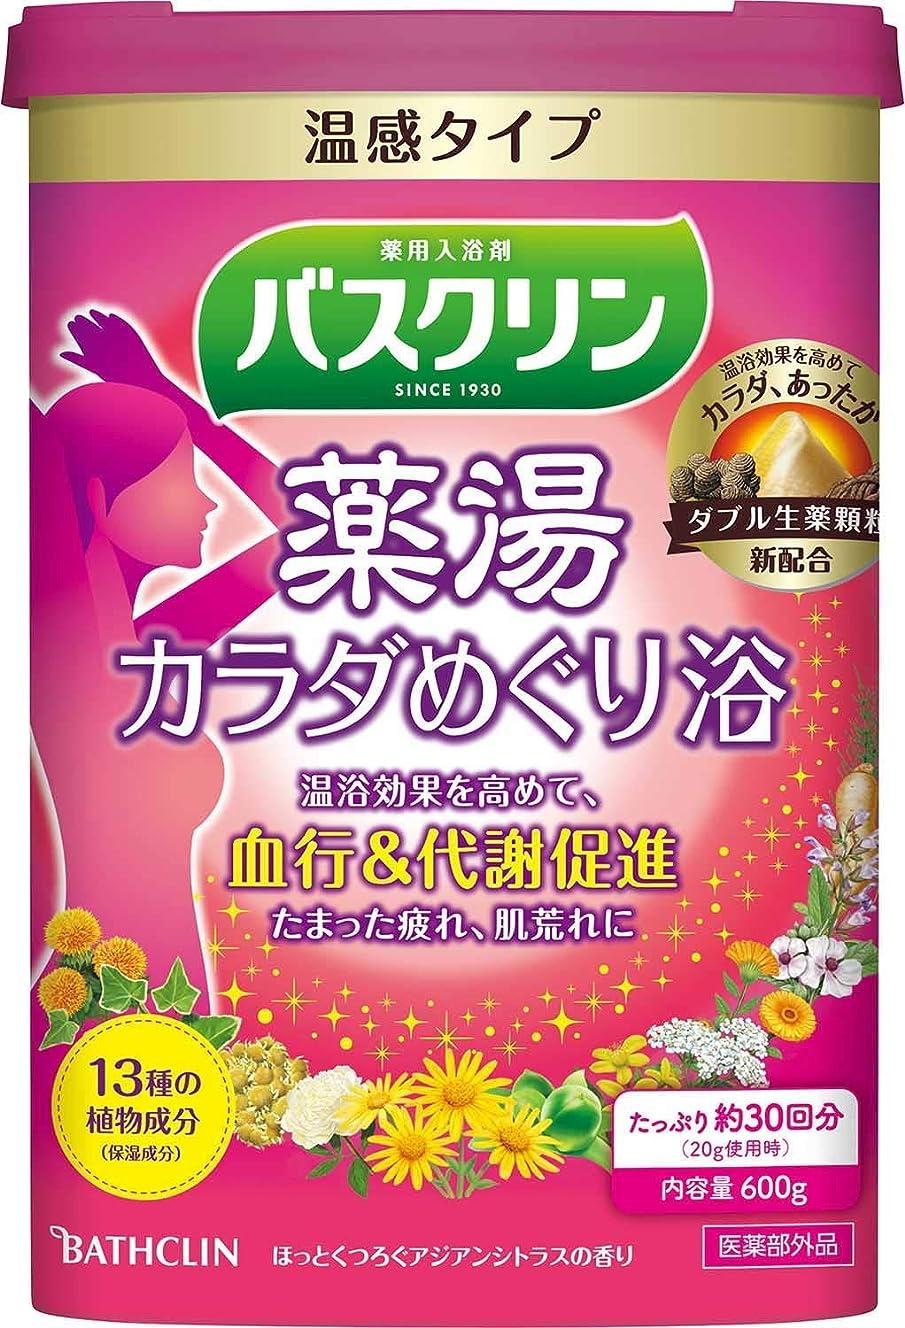 収入ムスタチオ髄【医薬部外品】バスクリン薬湯カラダめぐり浴600g入浴剤(約30回分)